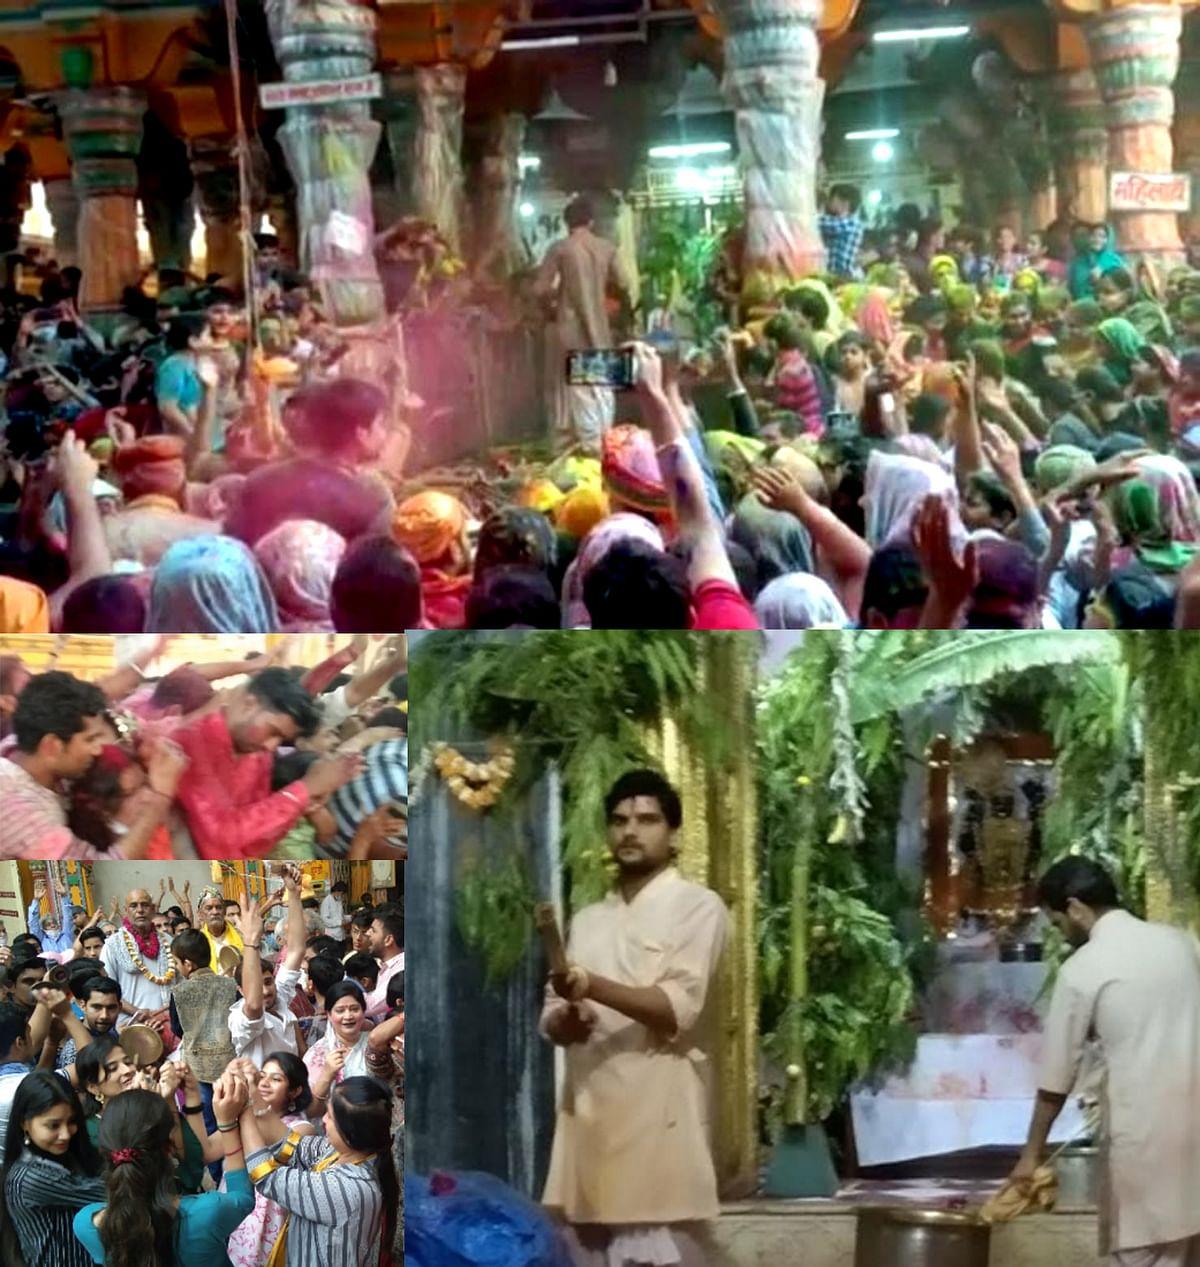 द्वारिकाधीश मंदिर : ठाकुरजी के रंगों में सराबोर हुए श्रद्धालु, नाची महिलाएं